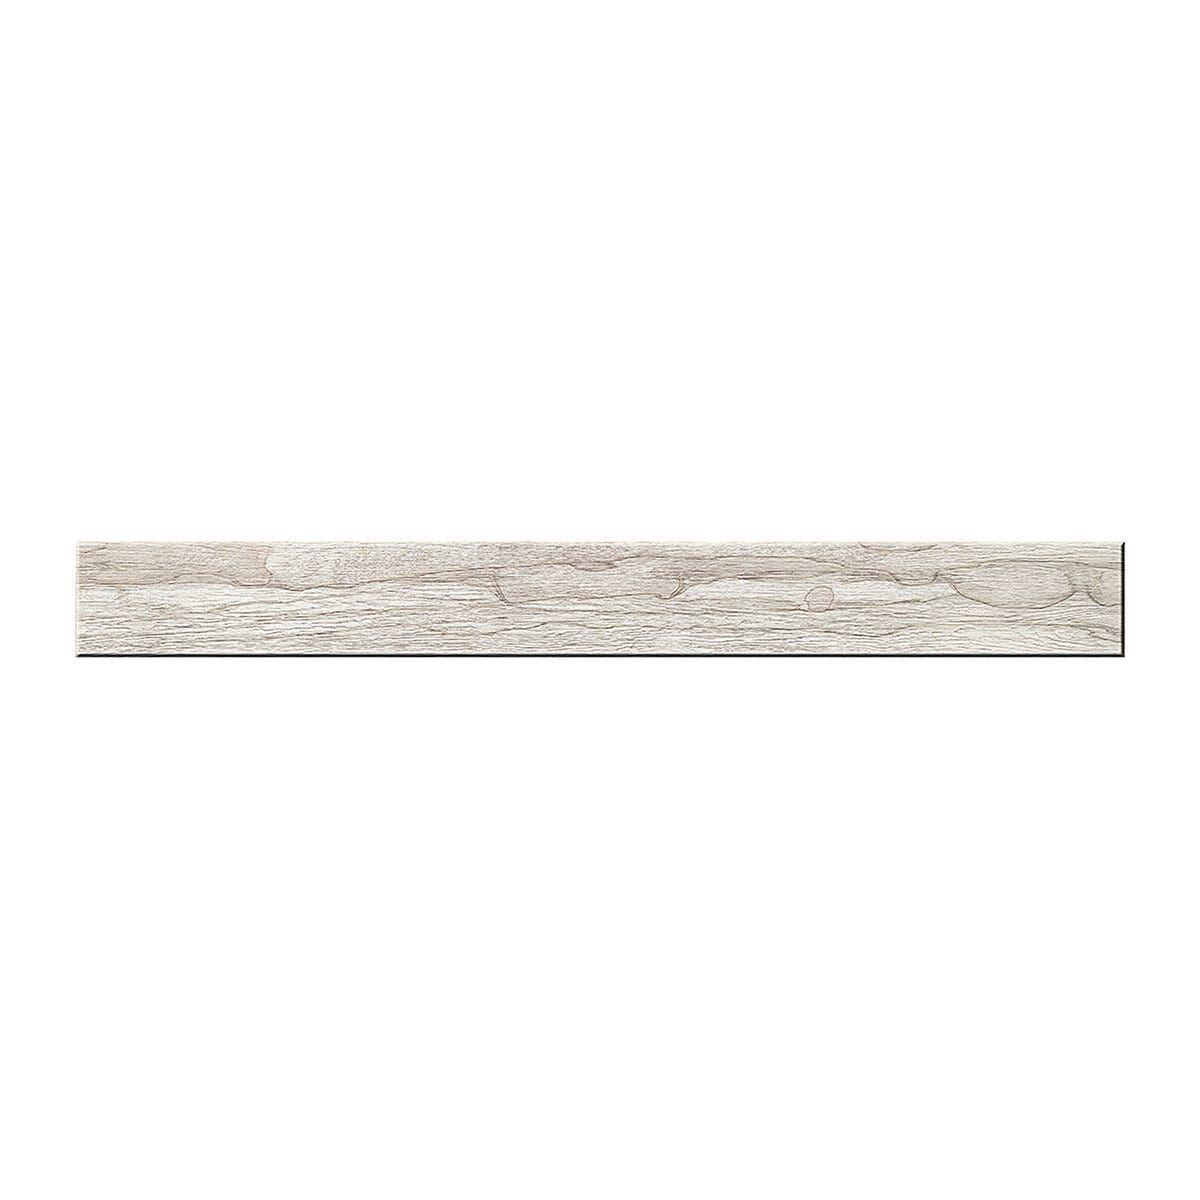 Pavimento Interno Legno Rettificato Bianco 20x120x1,05 Cm Pei 4 R10 Gres Porcellanato